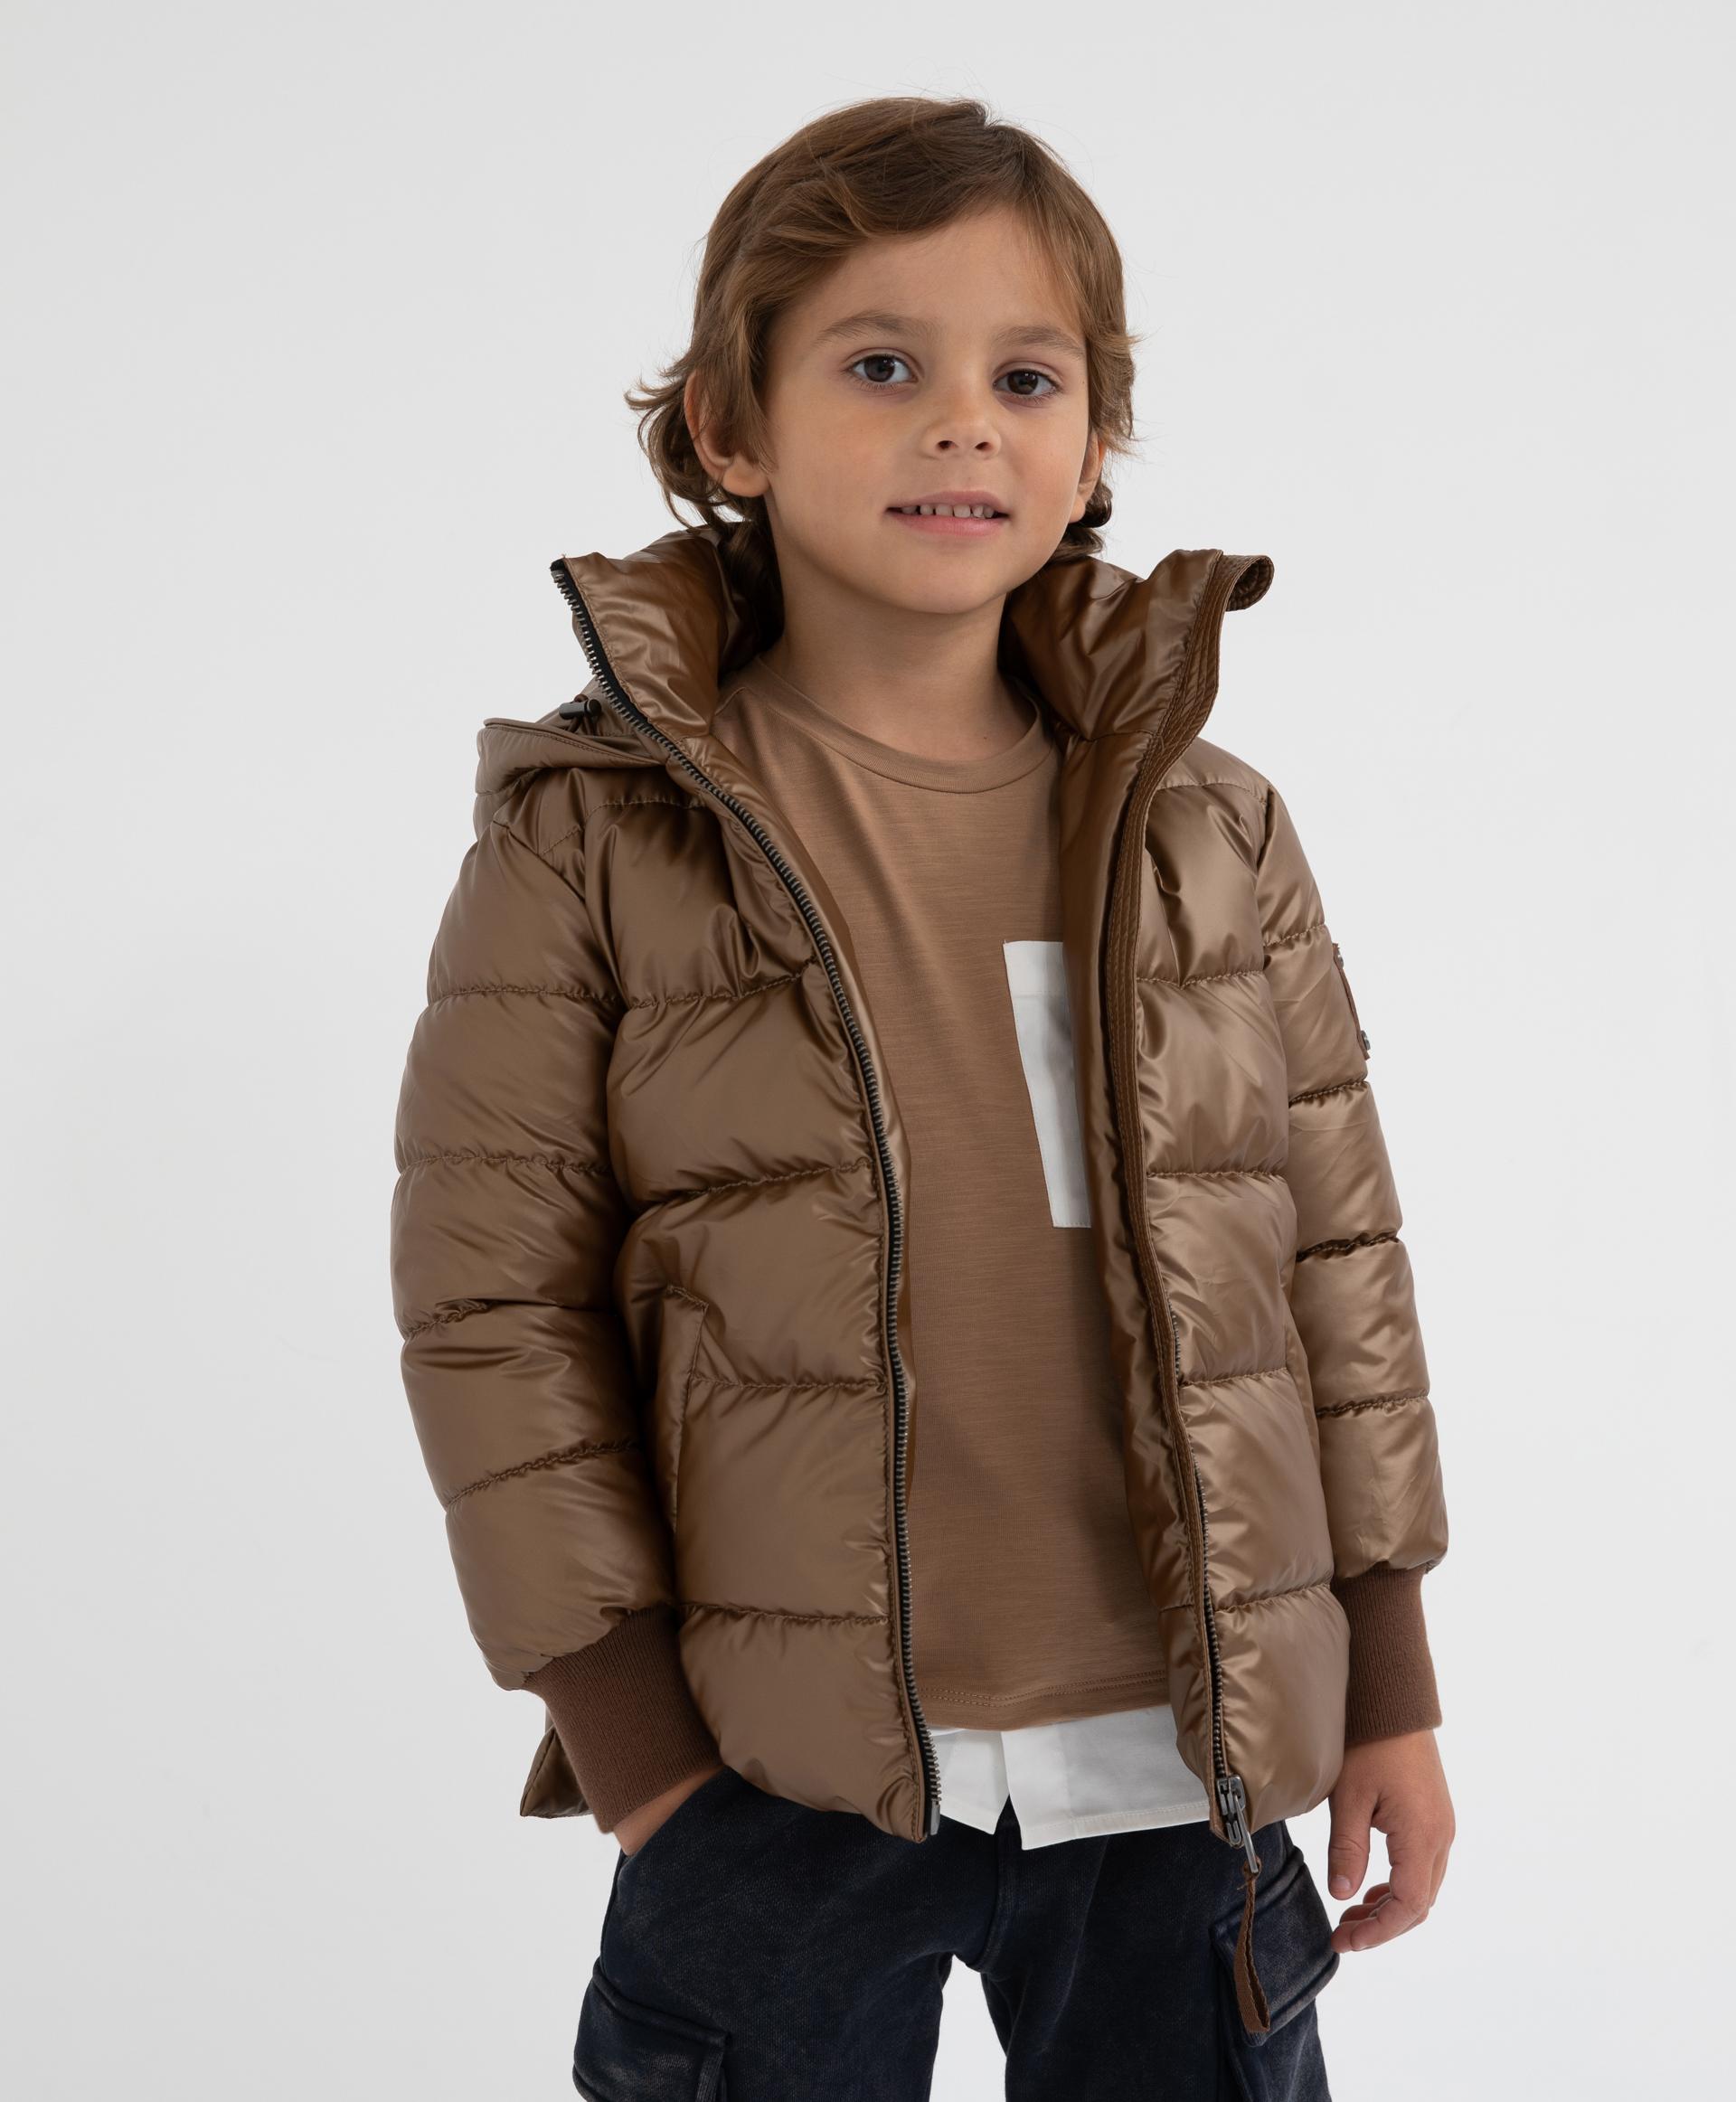 Купить 22004BMC4109, Коричневая куртка демисезонная Gulliver, коричневый, 128, Полиэстер, Мужской, Демисезон, ОСЕНЬ/ЗИМА 2020-2021 (shop: GulliverMarket Gulliver Market)